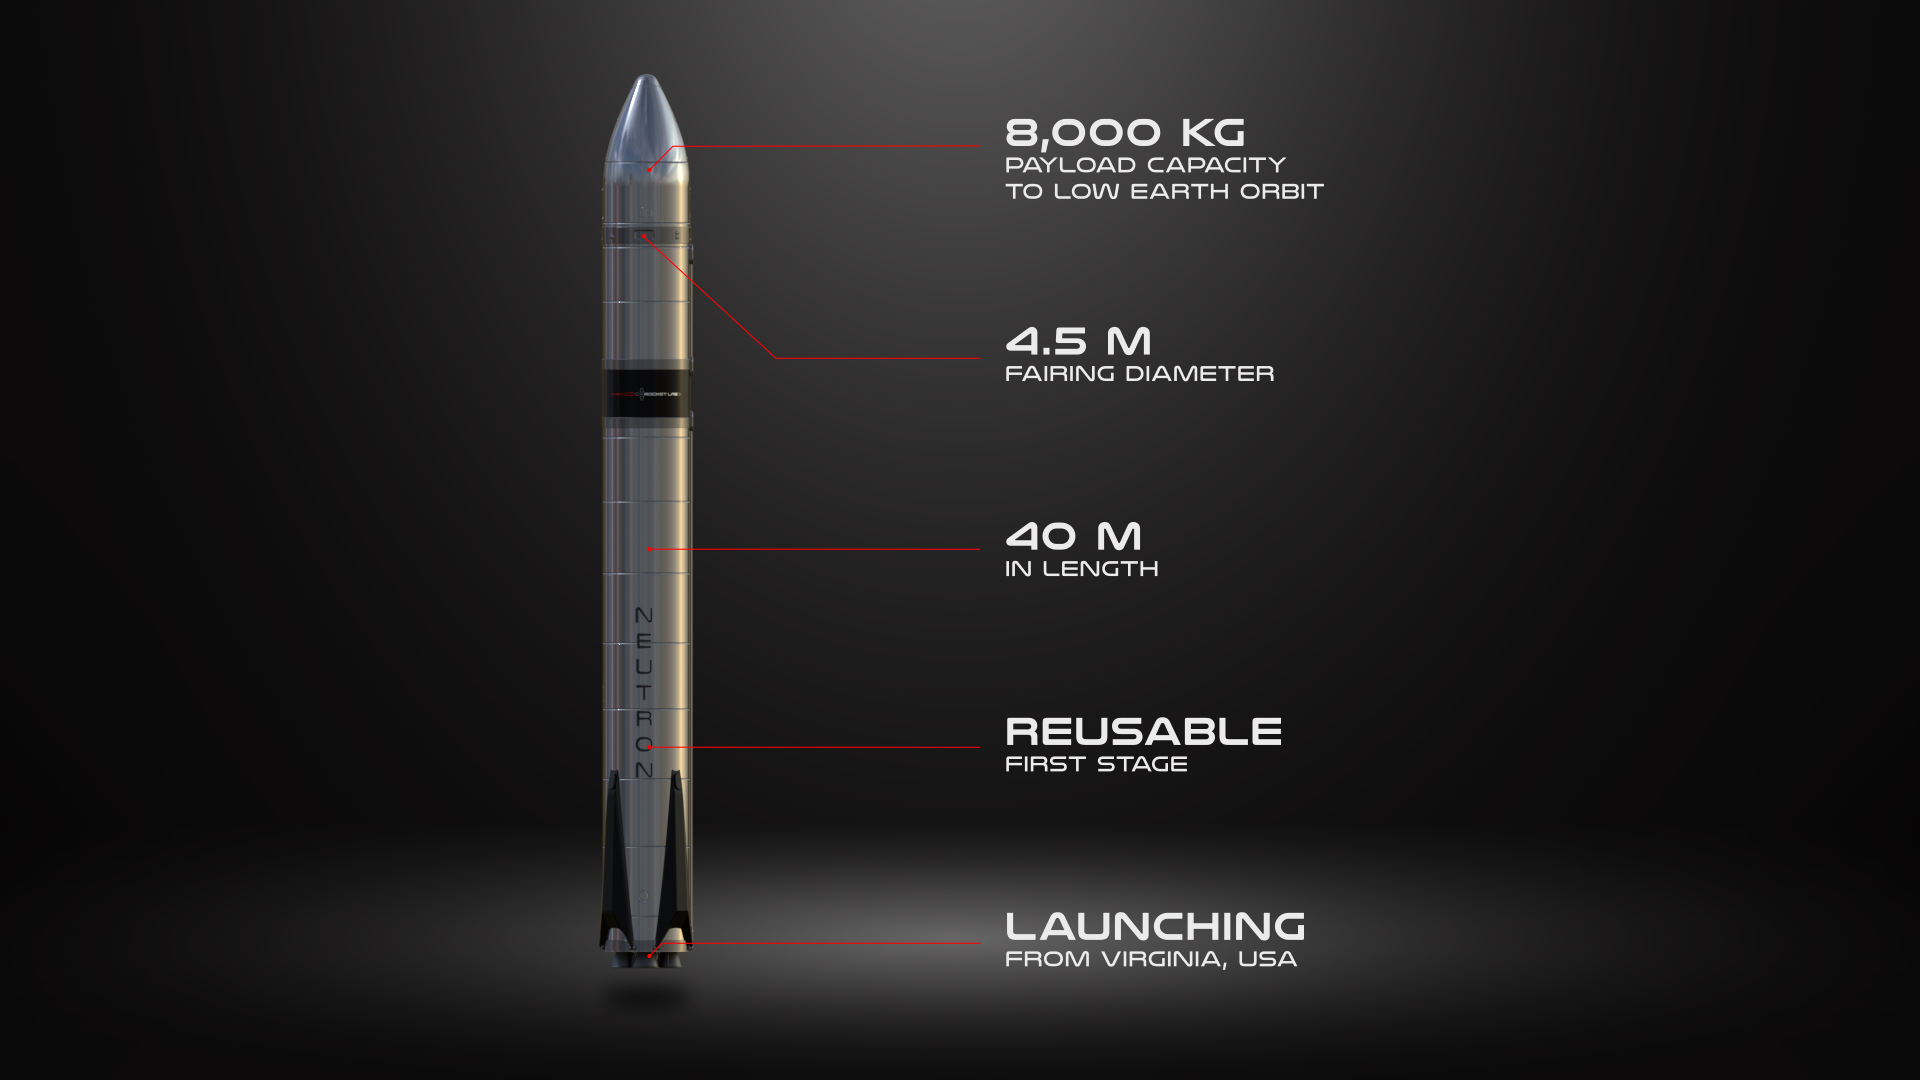 Rocket Lab reveals reusable, medium-lift Neutron rocket - NASASpaceFlight.com - NASASpaceflight.com